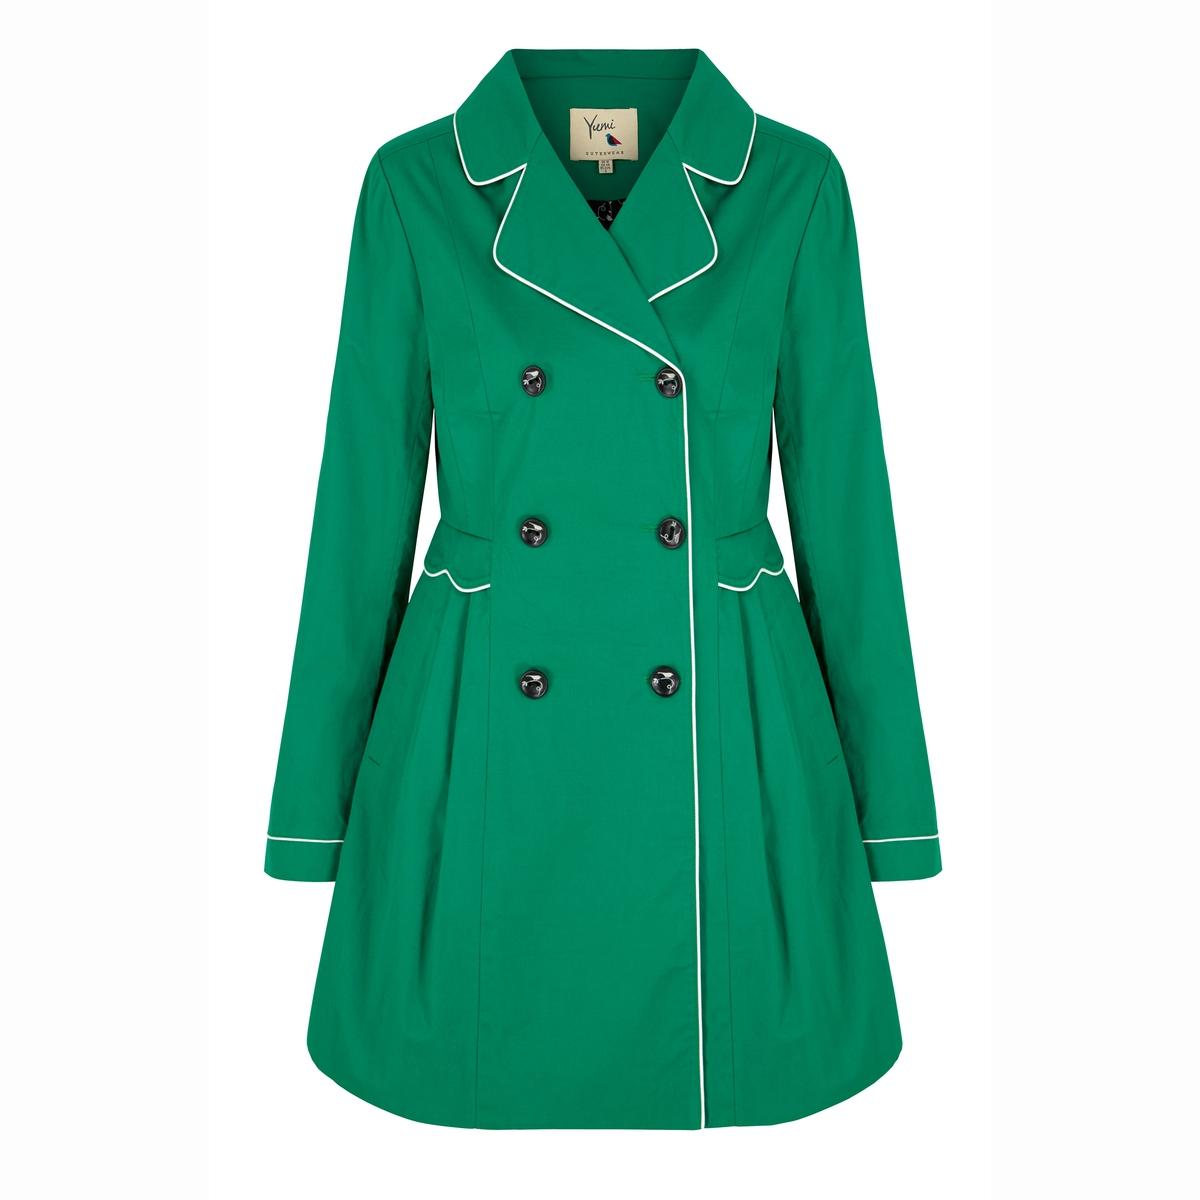 Пальто-тренч водонепроницаемое однотонного цветаСостав и деталиМатериал 100% полиэстераПодкладка 100% хлопкаМарка YUMI<br><br>Цвет: зеленый<br>Размер: 36 (FR) - 42 (RUS)